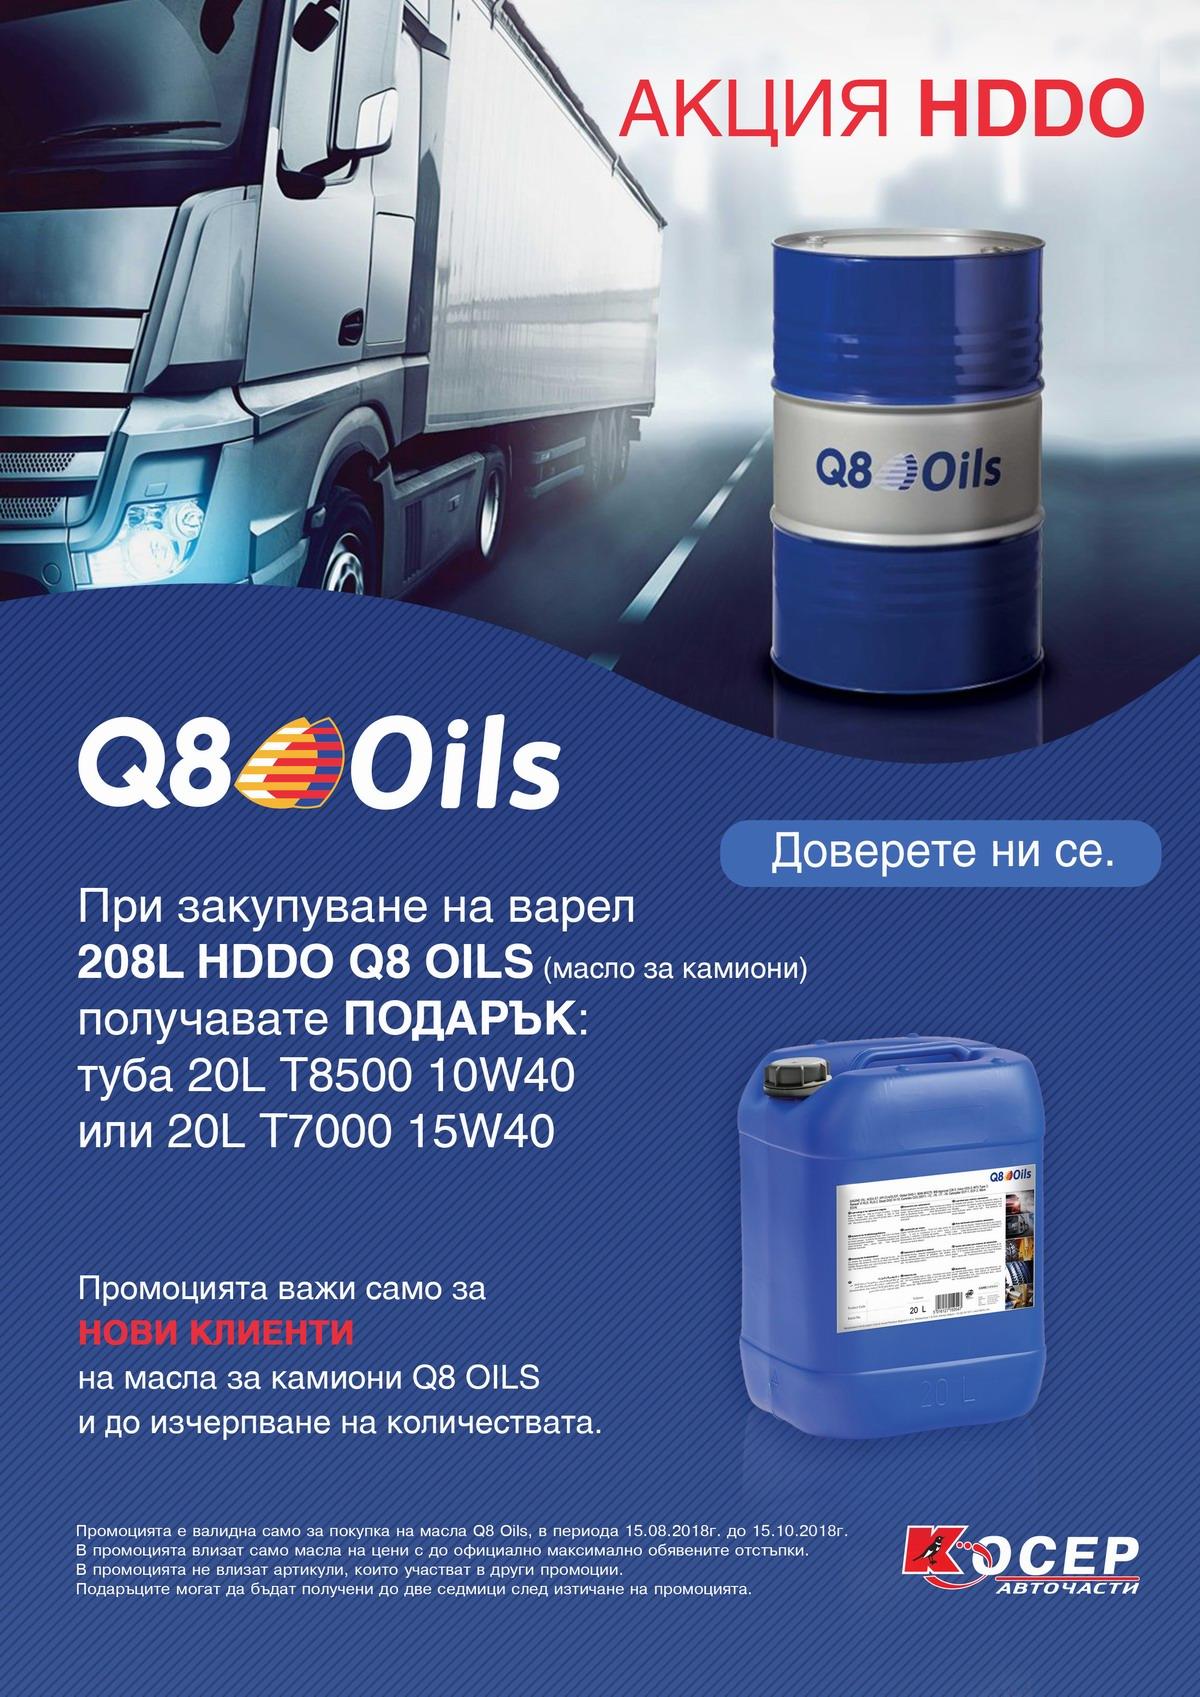 Промоция Q8 Oils, 15.08.2018 - 15.10.2018